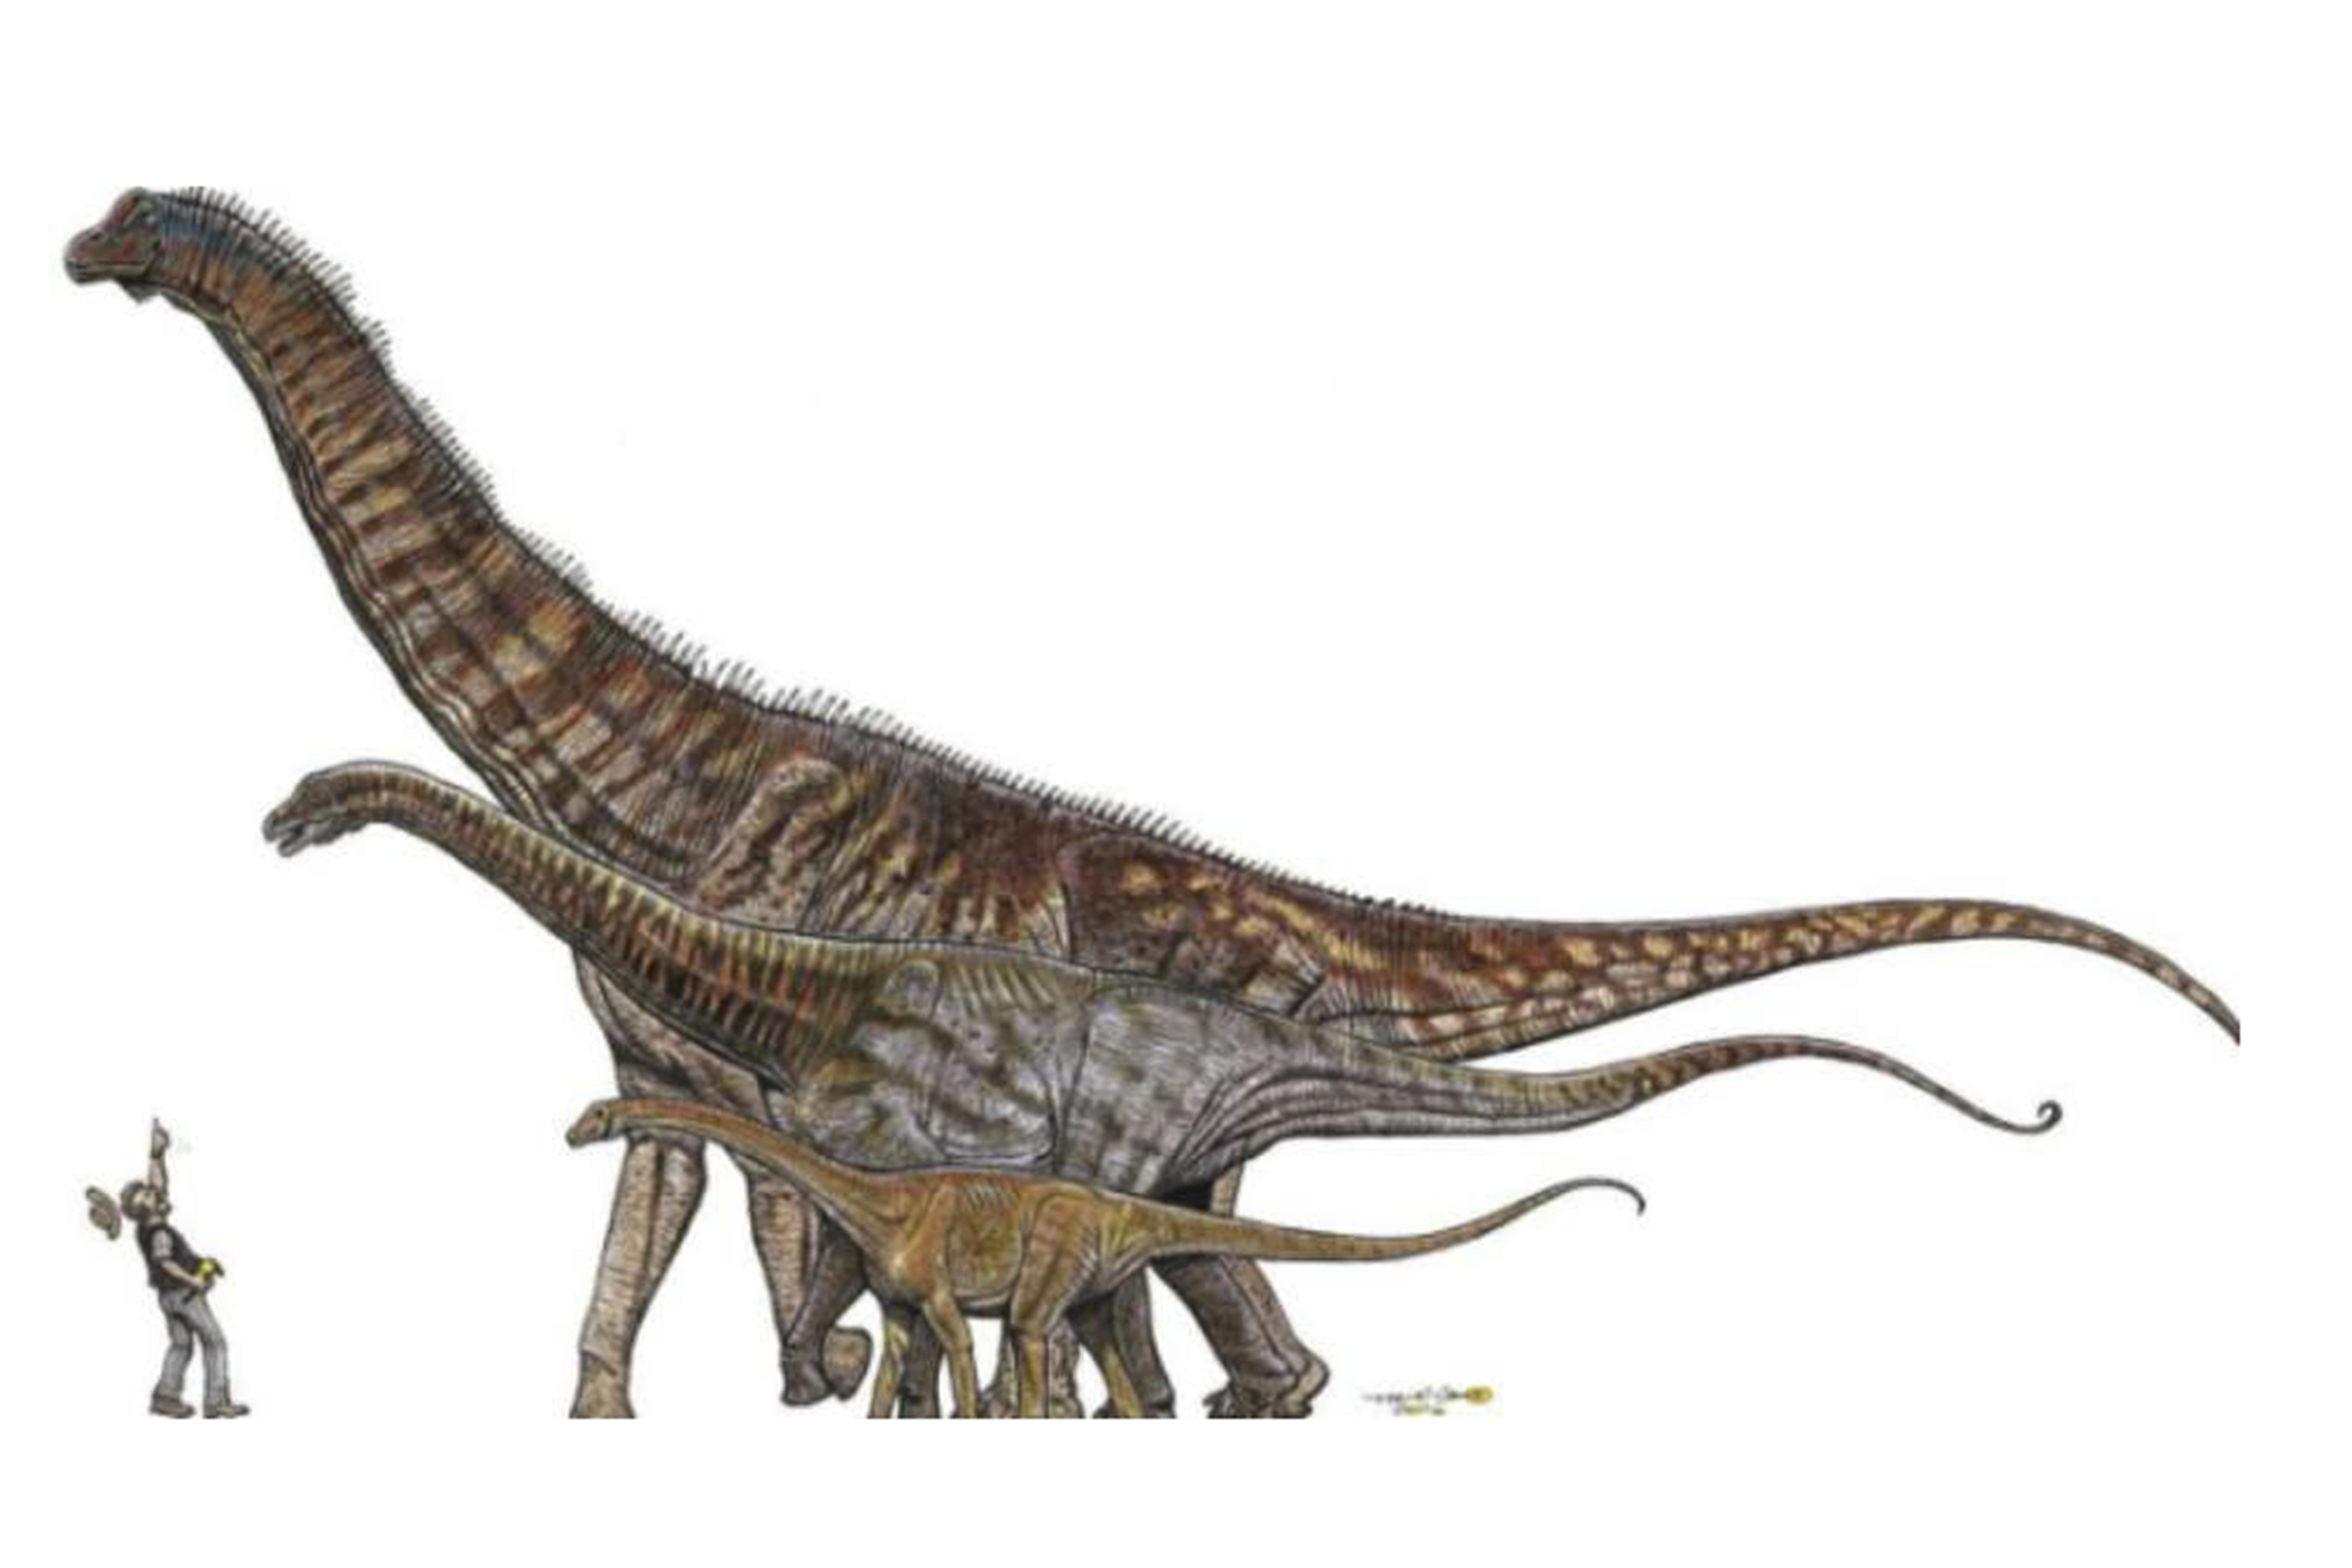 Revelado Fosil Del Dinosaurio Mas Grande De Brasil Agencia Brasil Sólo los grandes dinosaurios clásicos están extintos y la mayoría de los expertos creen que los pájaros son dinosaurios, piénsalo la próxima vez que una paloma te ataque. agencia brasil